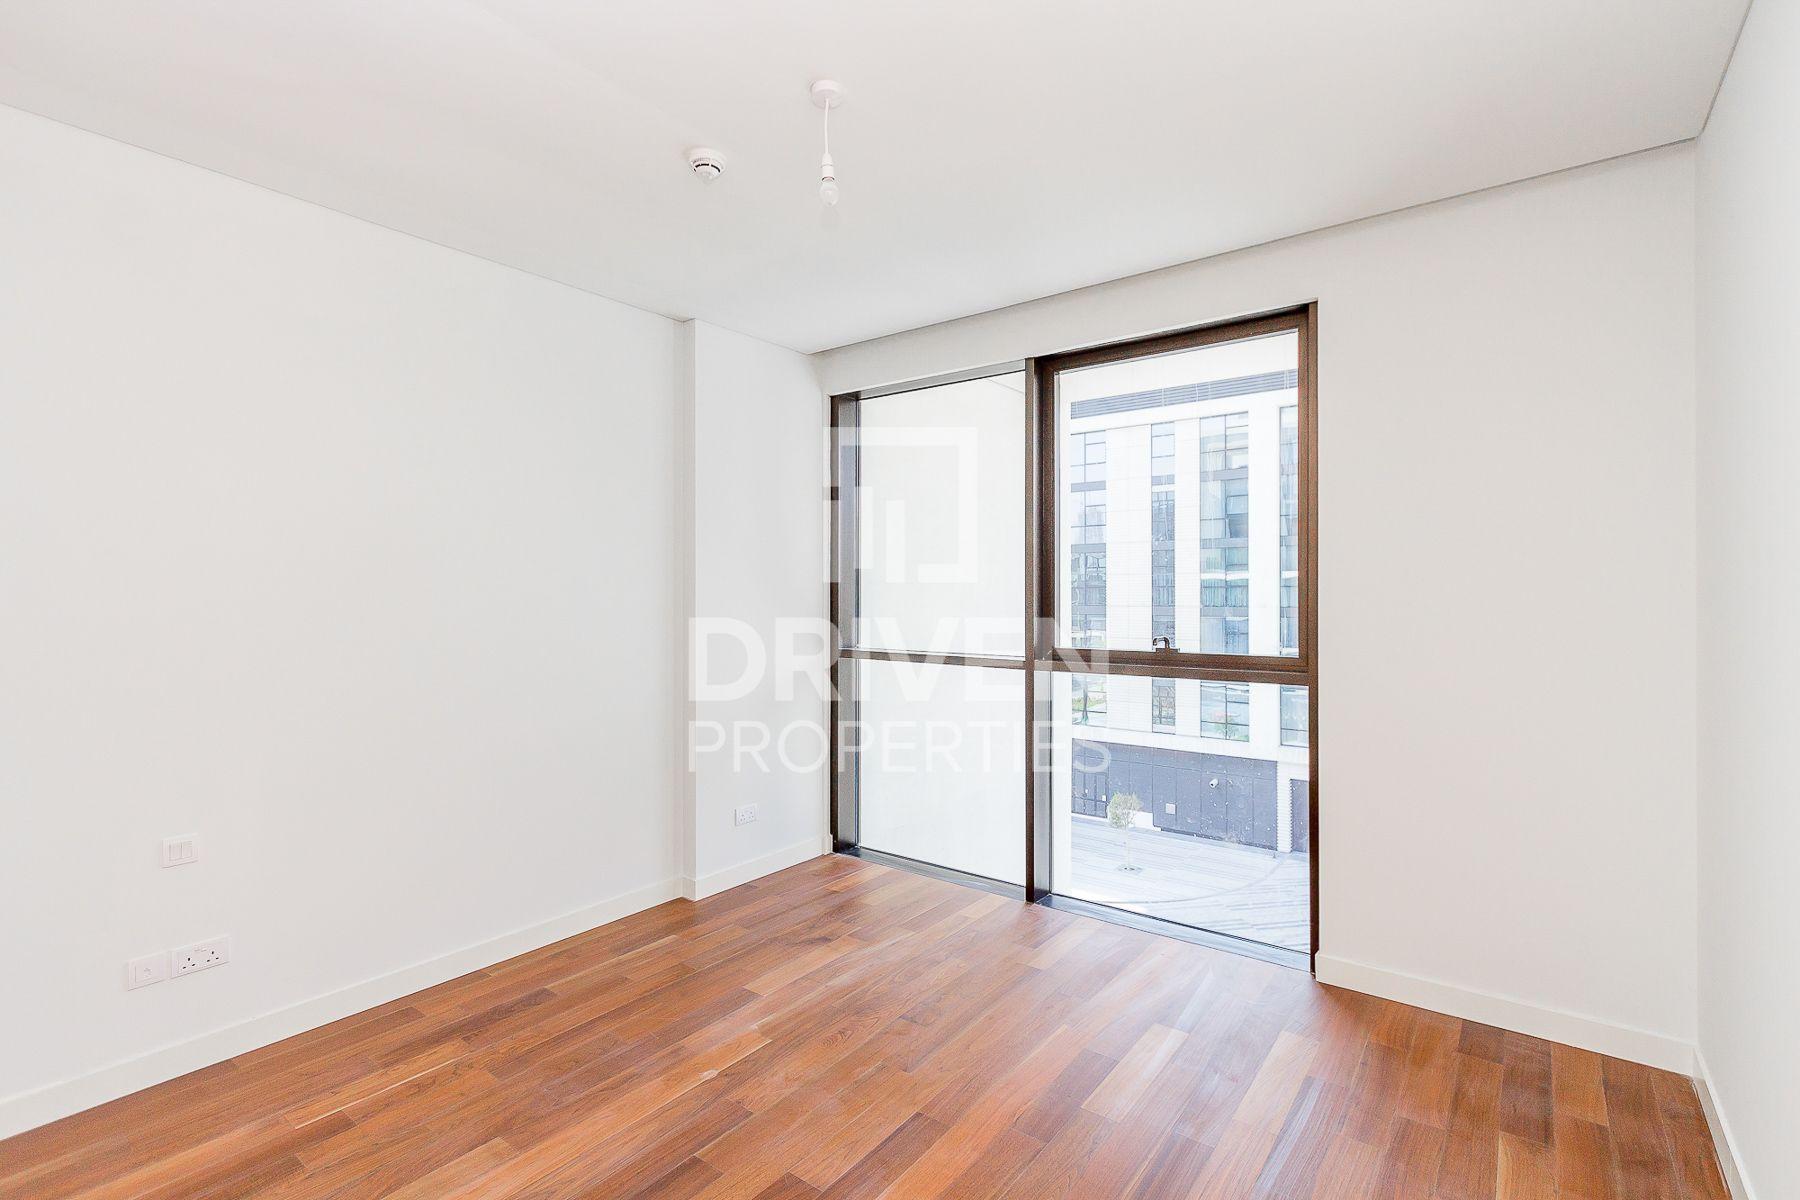 للايجار - شقة - 17 بناية - سيتي ووك